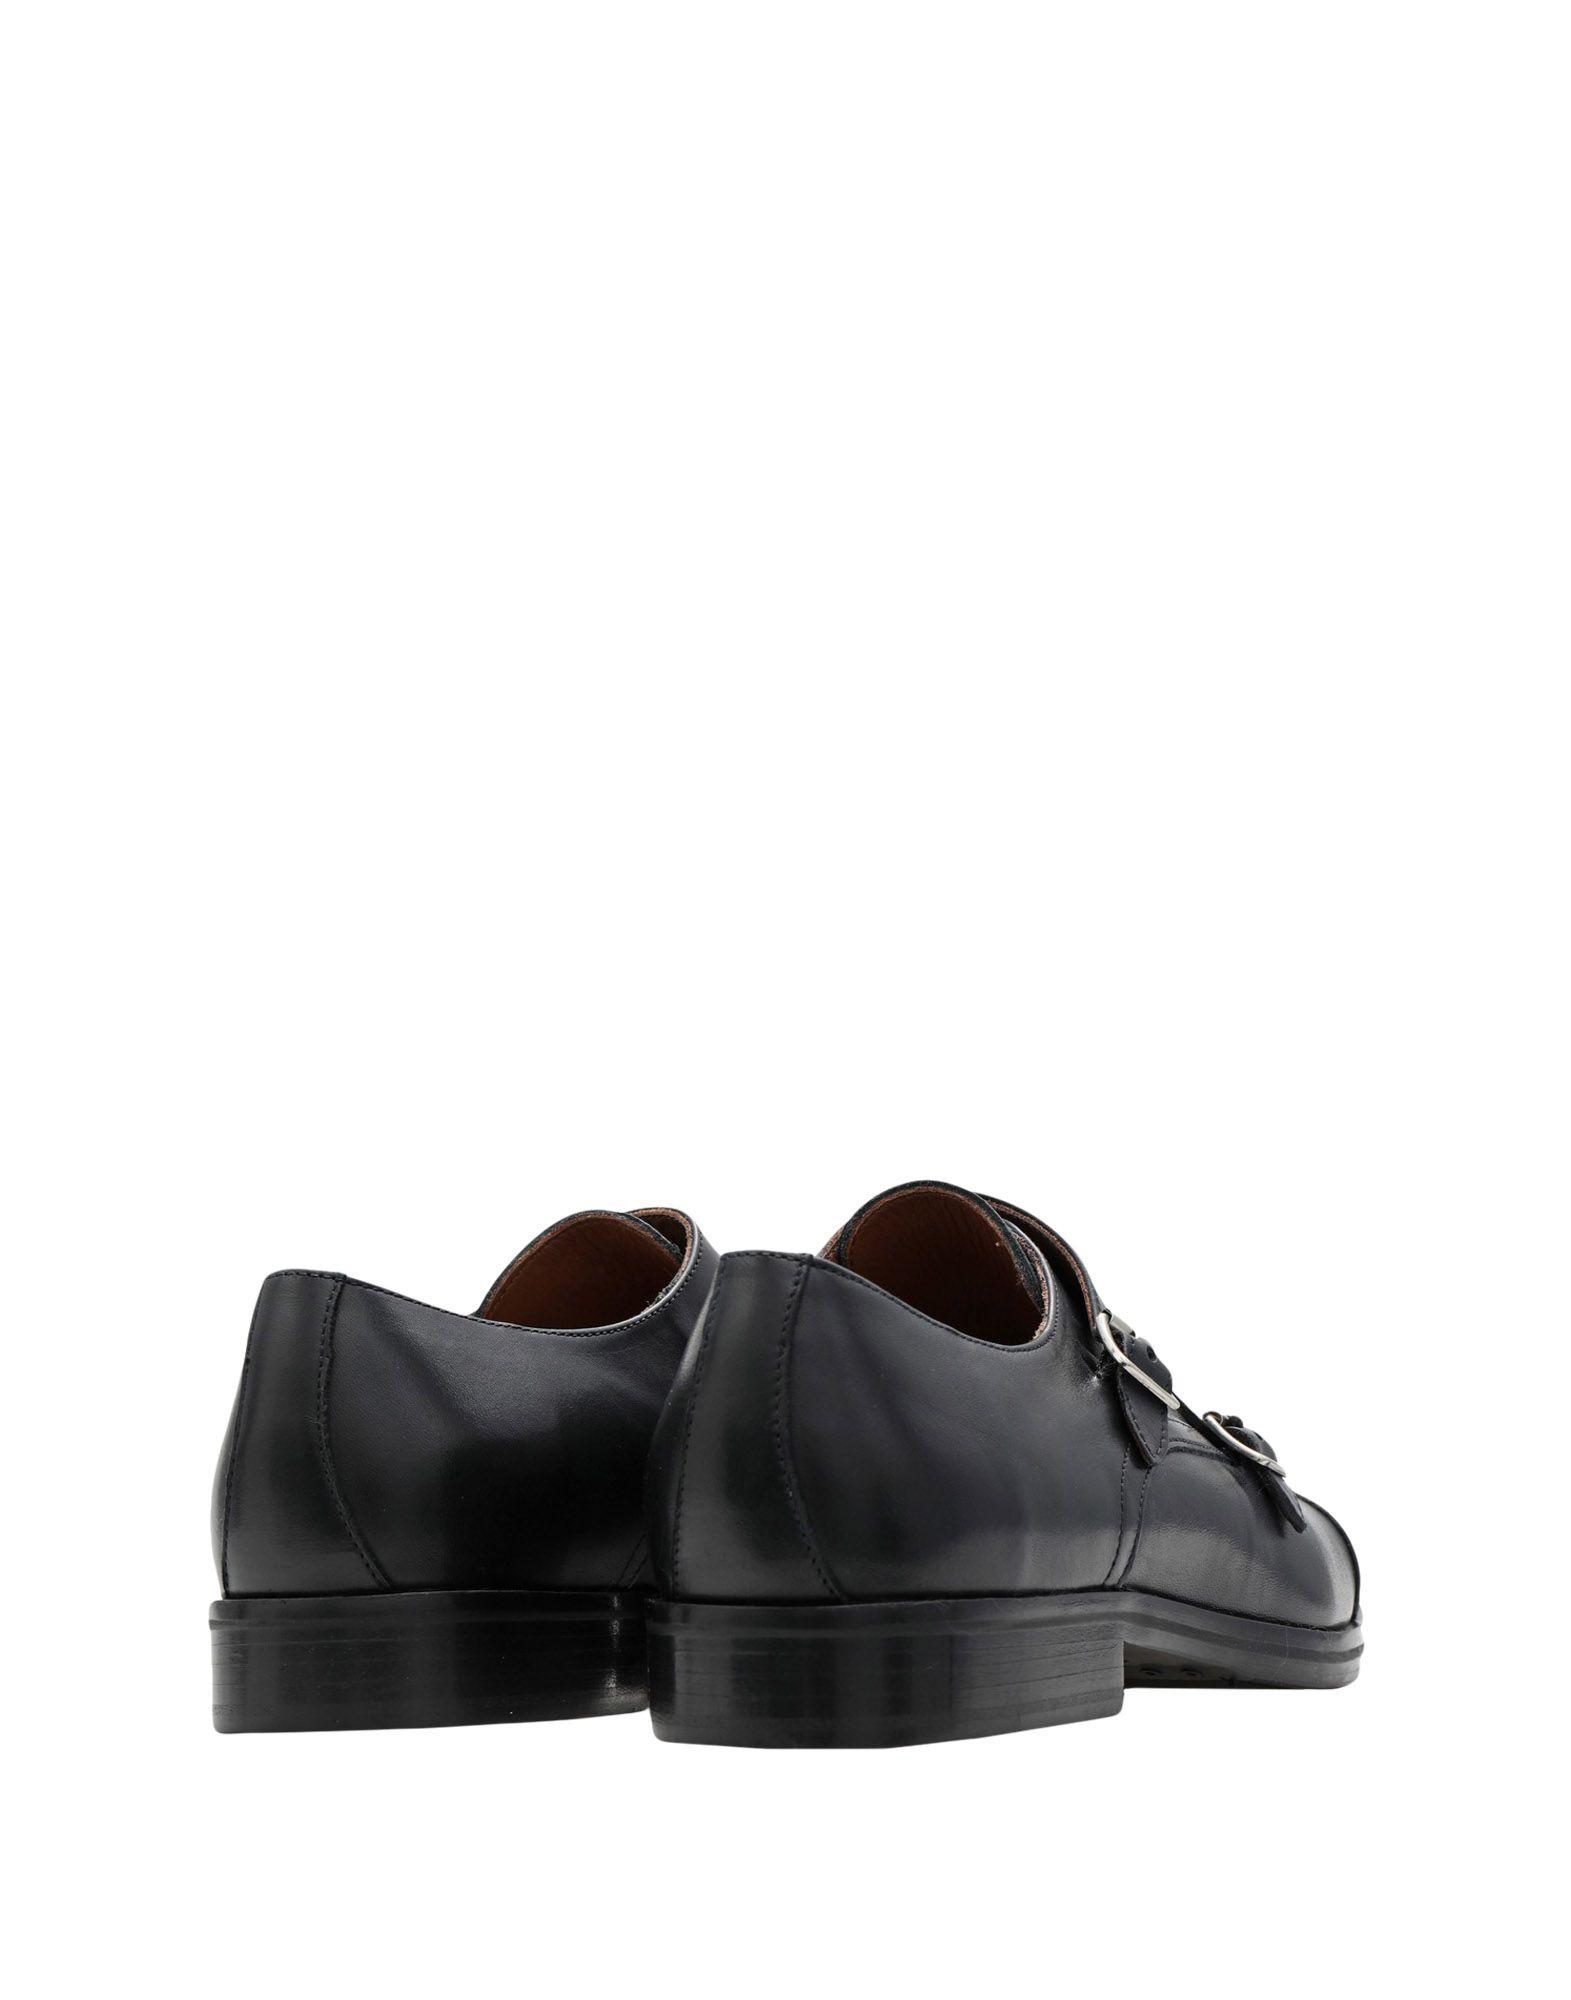 Rabatt echte Schuhe Leonardo 11524284RP Principi Mokassins Herren  11524284RP Leonardo 11285f